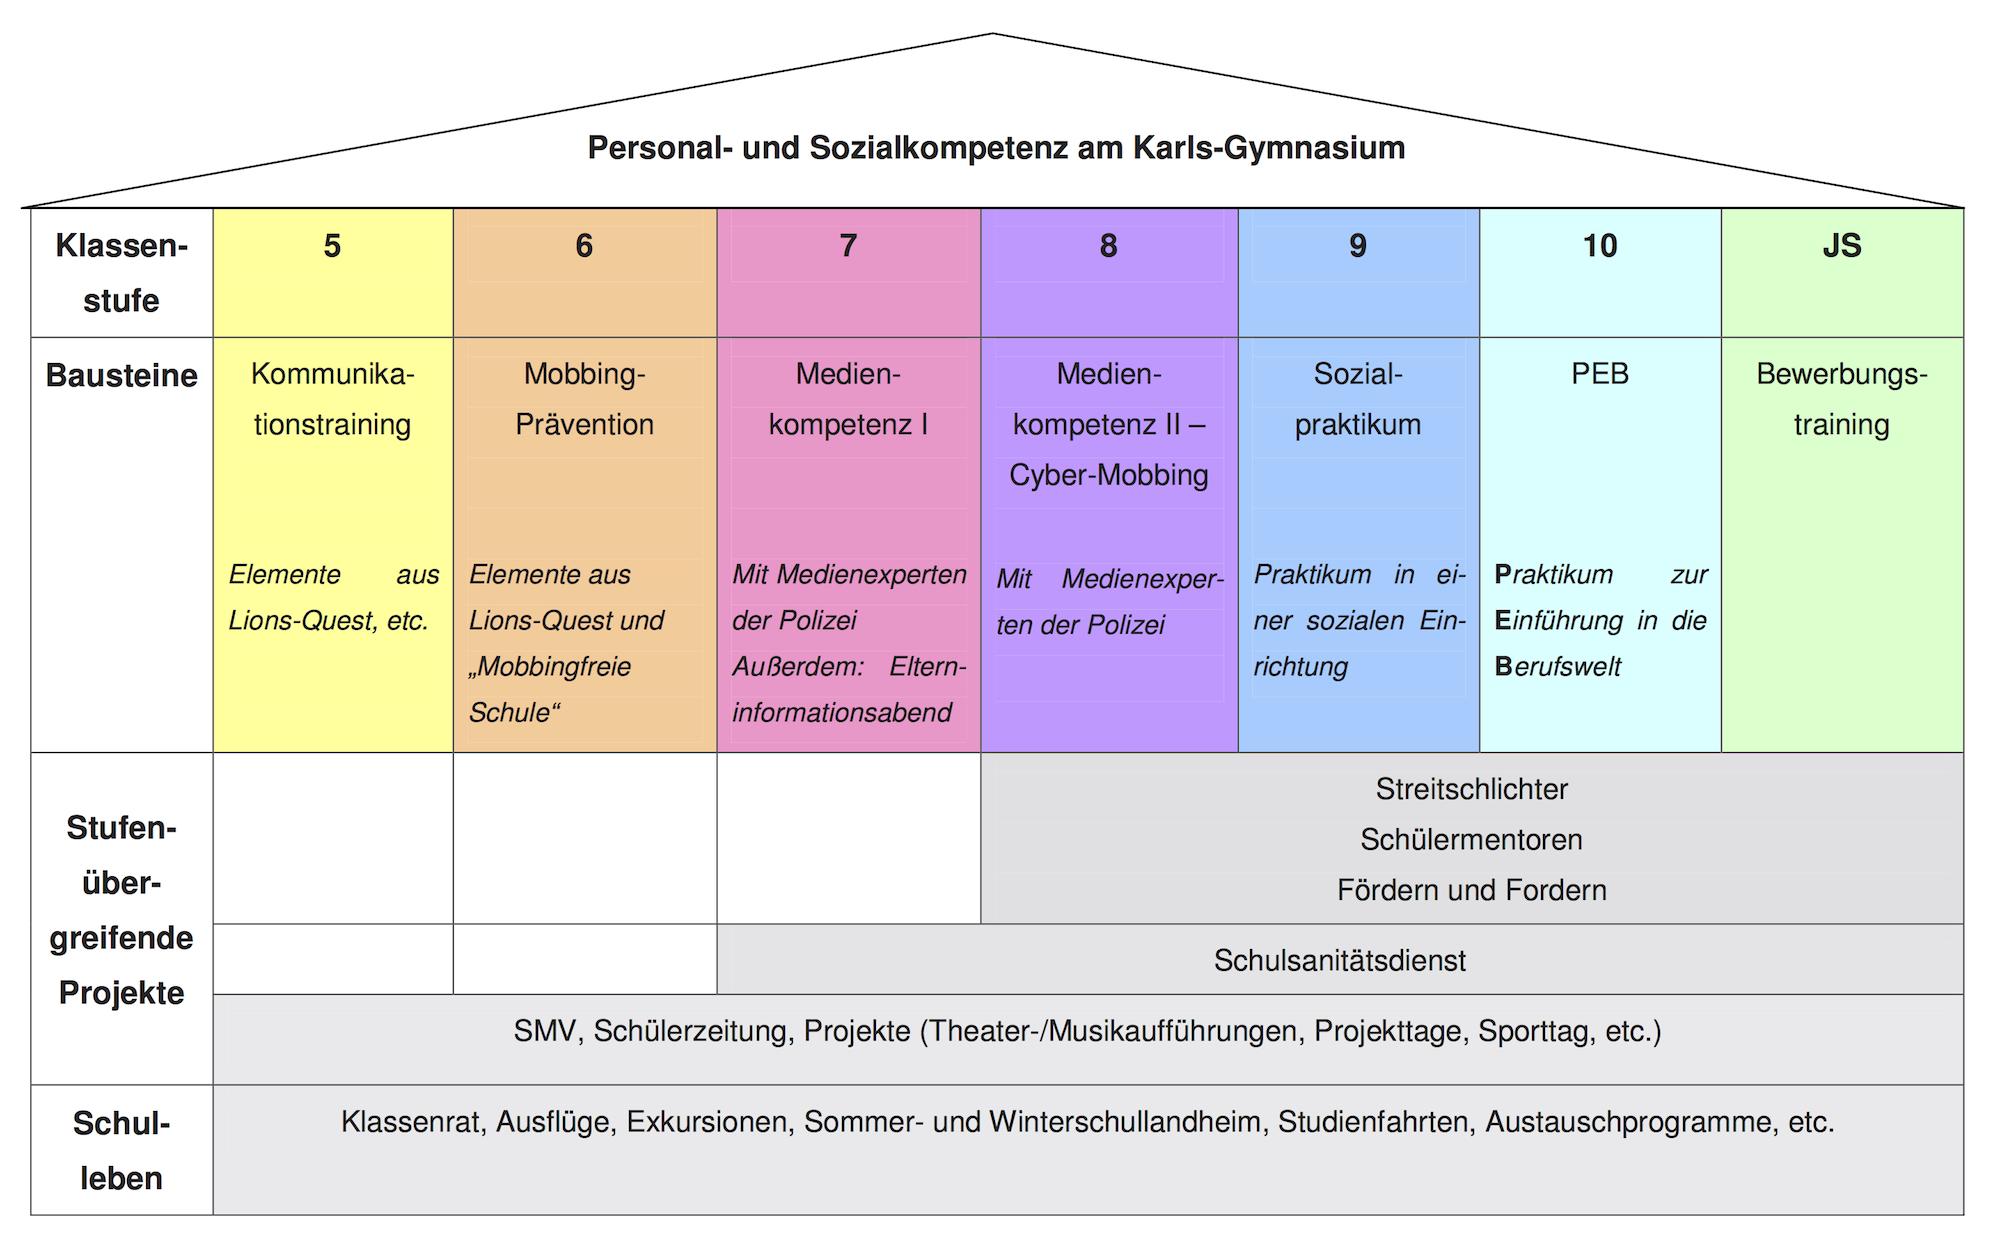 Sozialcurriculum des Karls-Gymnasium Stuttgart |Humanistisches Gymnasium mit Hochbegabtenzug